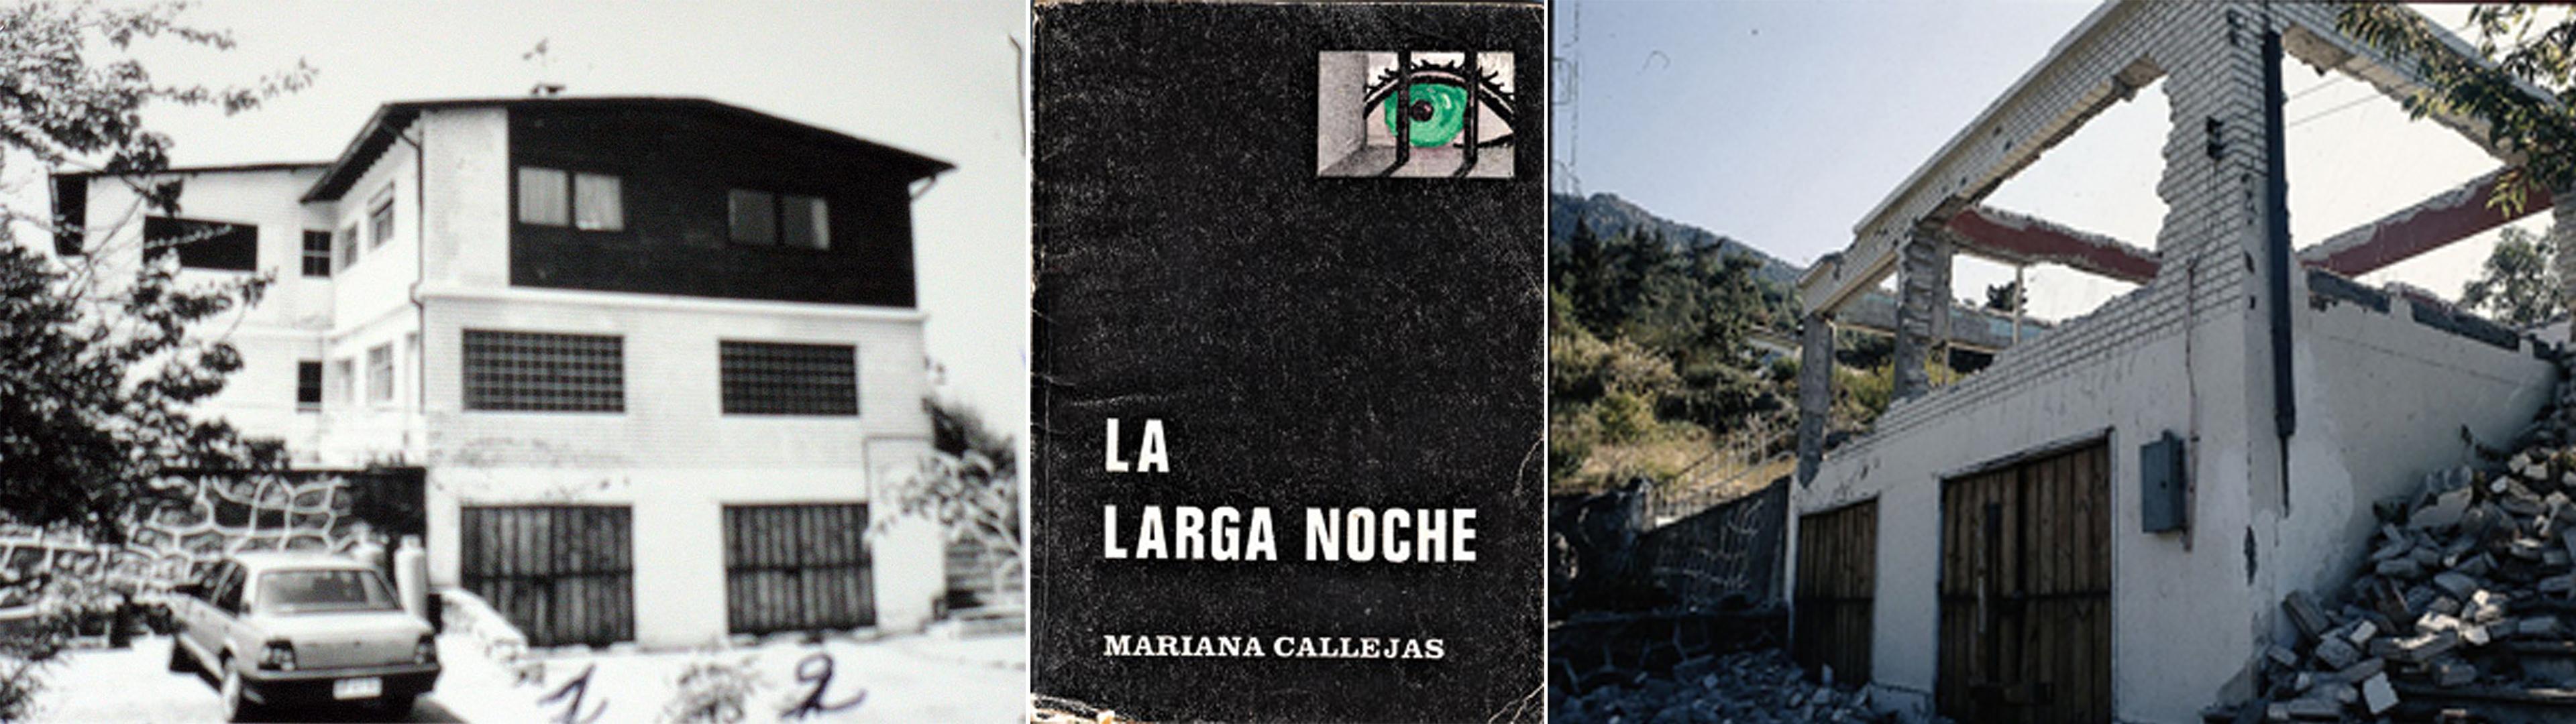 La casa de Callejas (Canales, en la novela de Bolaño), ayer y hoy